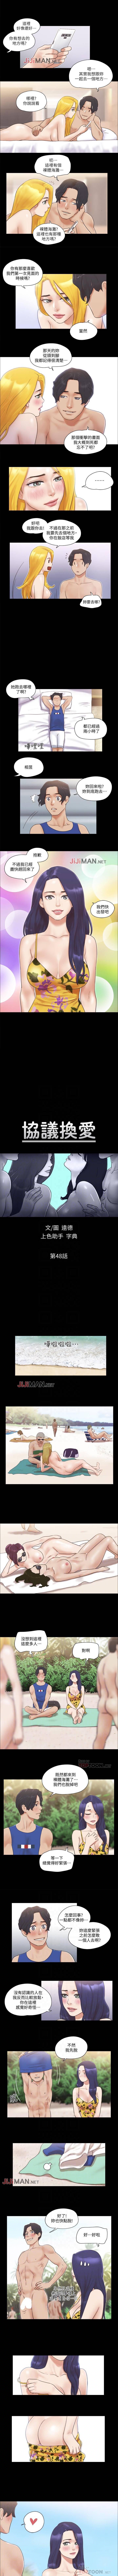 【周五连载】协议换爱(作者:遠德) 第1~57话 200